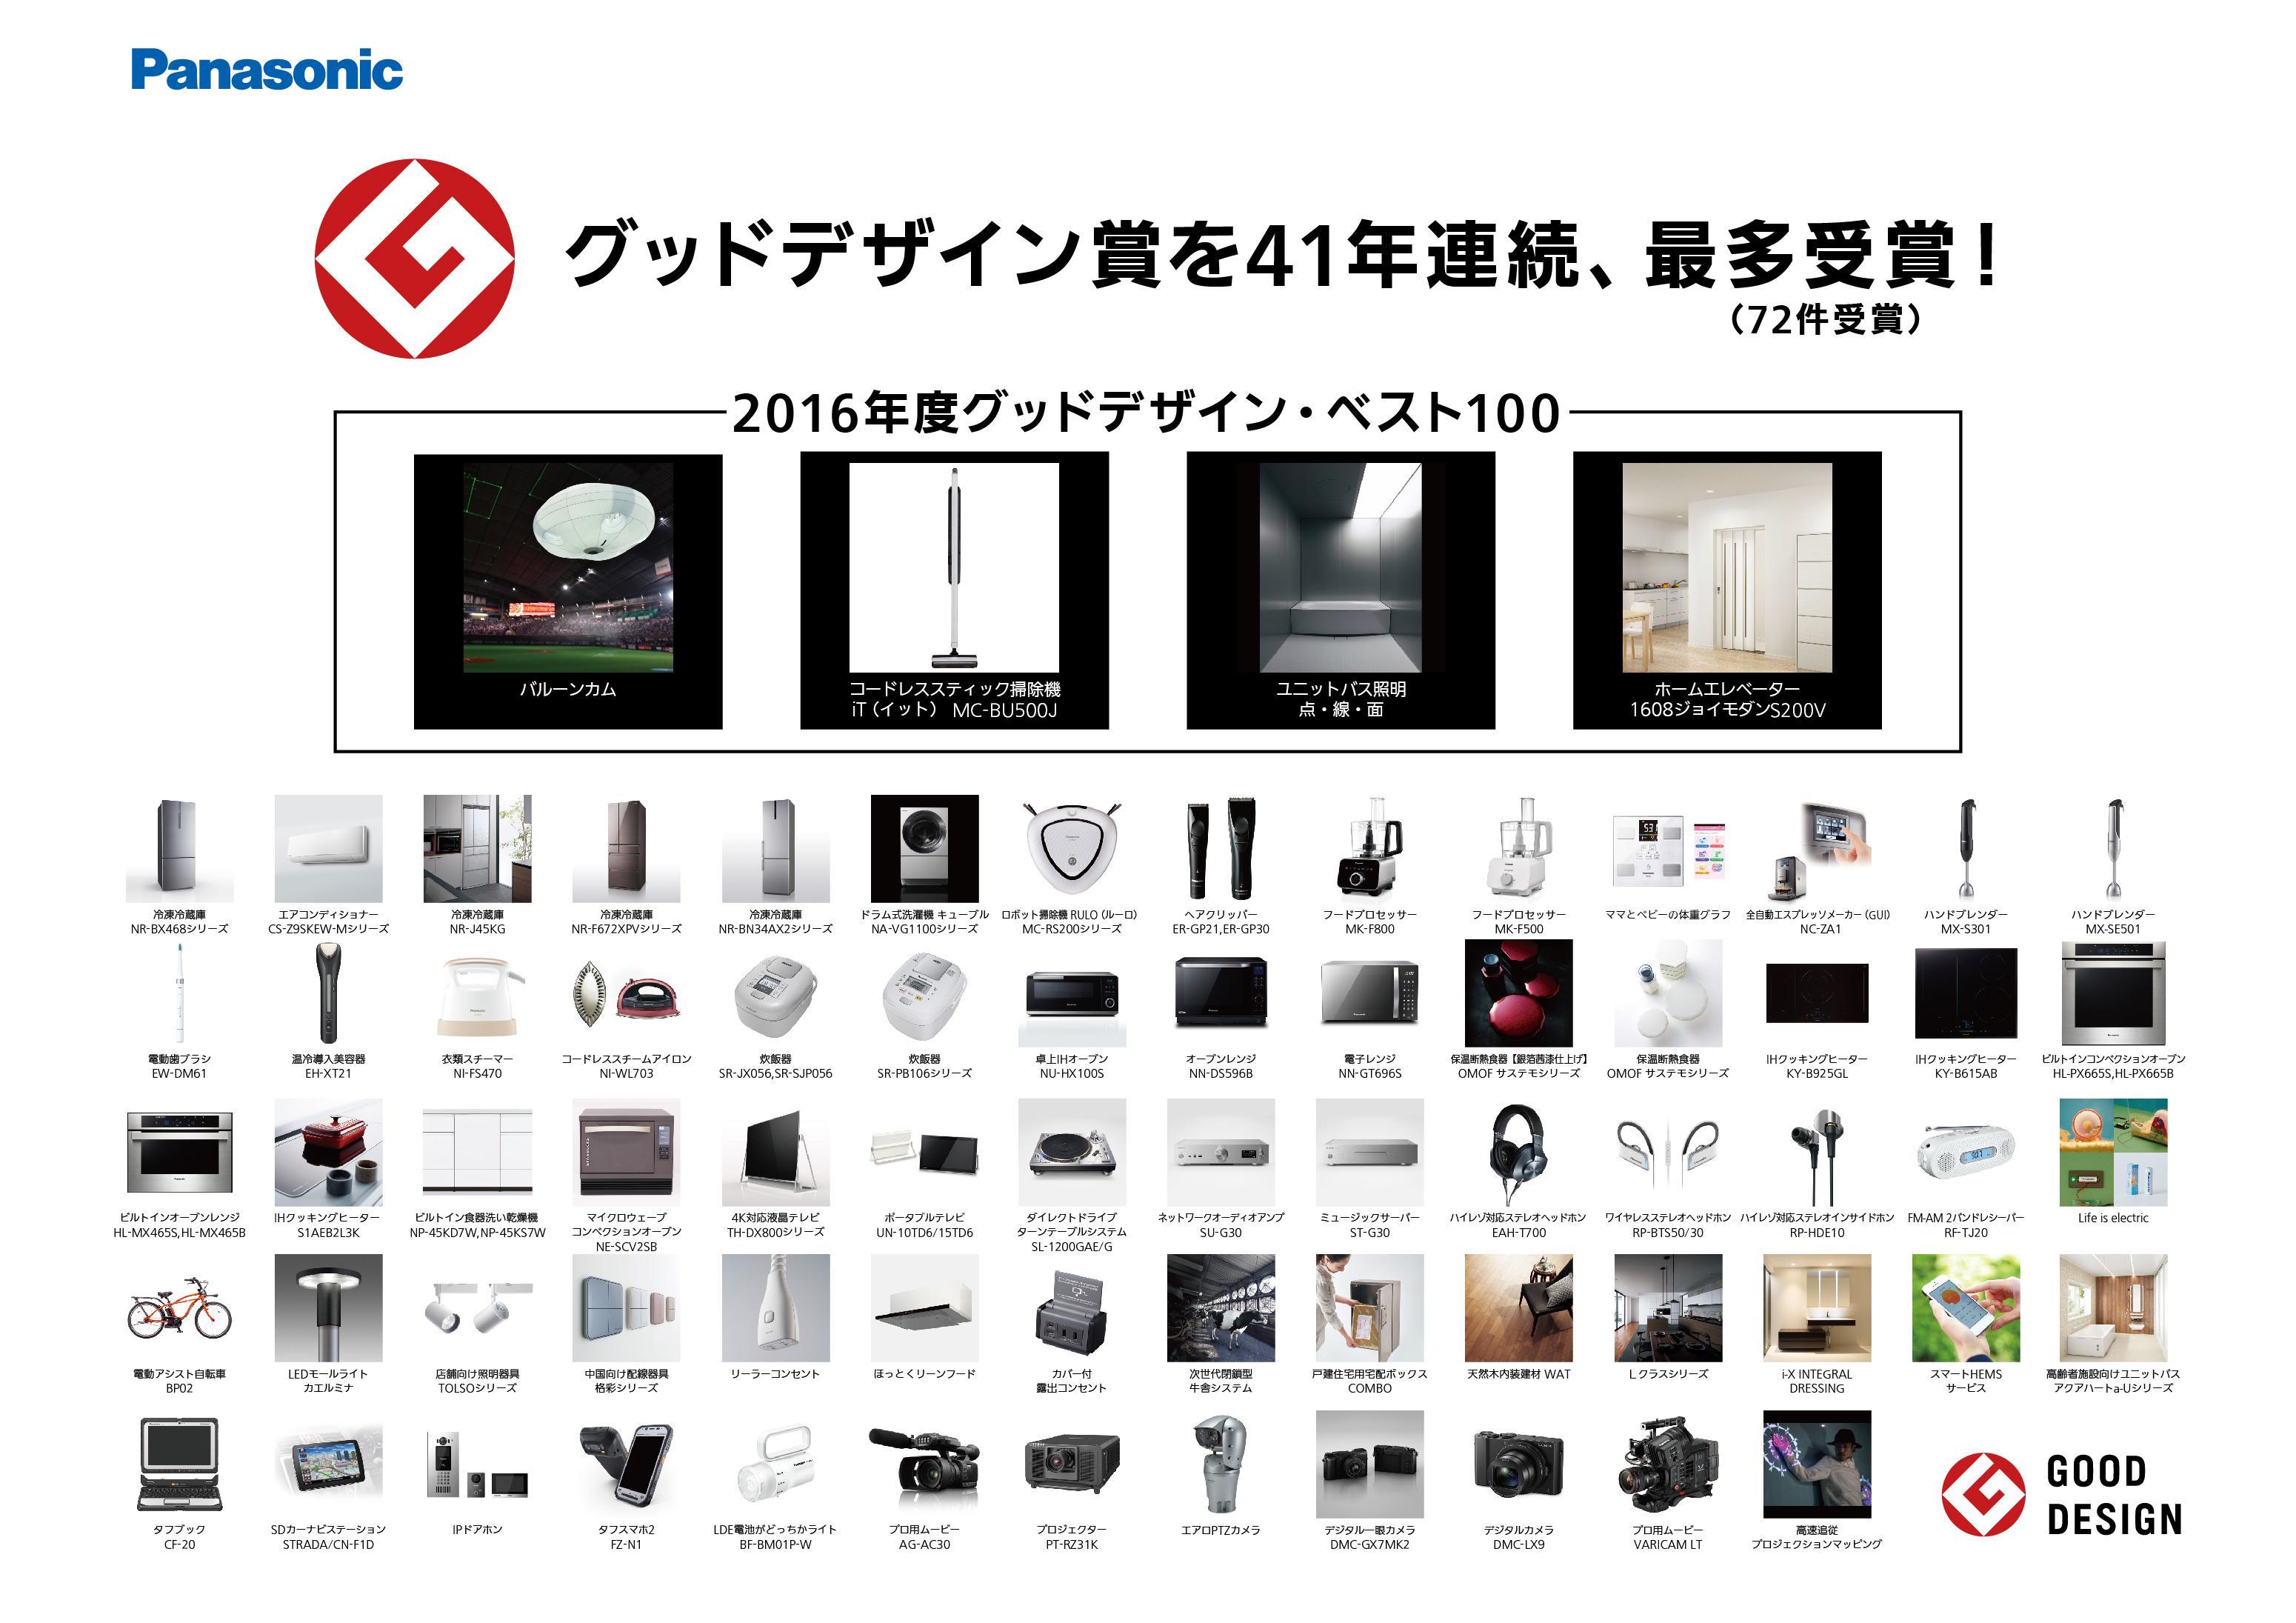 「2016年度グッドデザイン賞」受賞商品